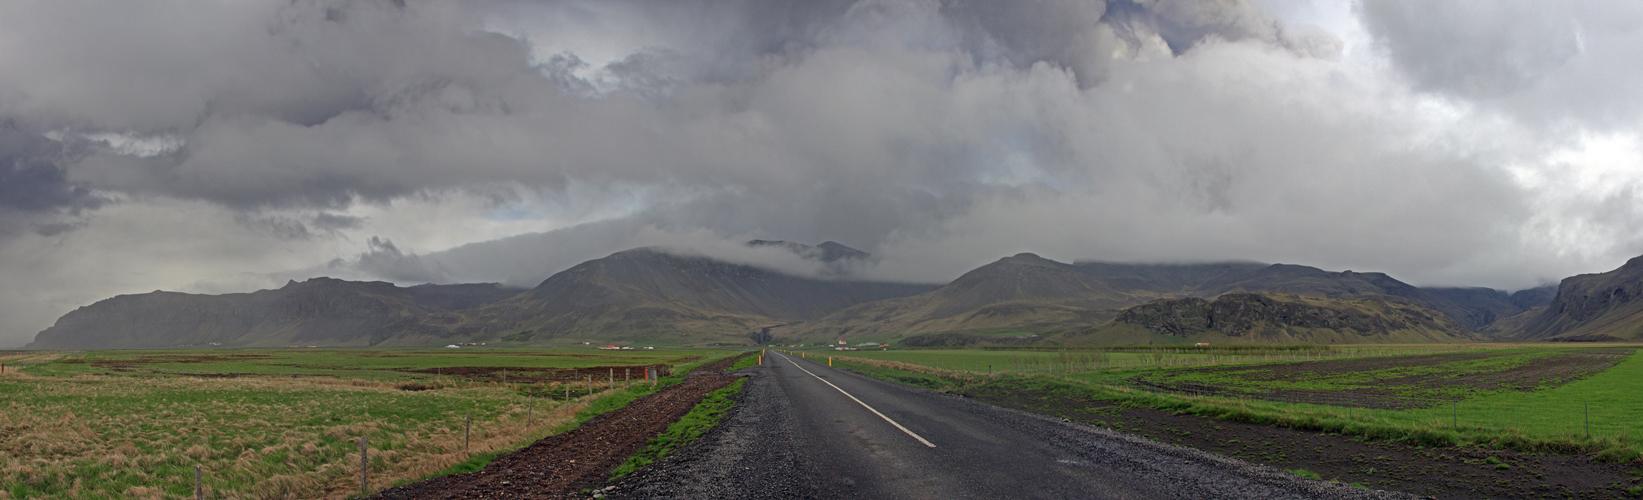 vor dem Eyjafjallajökull